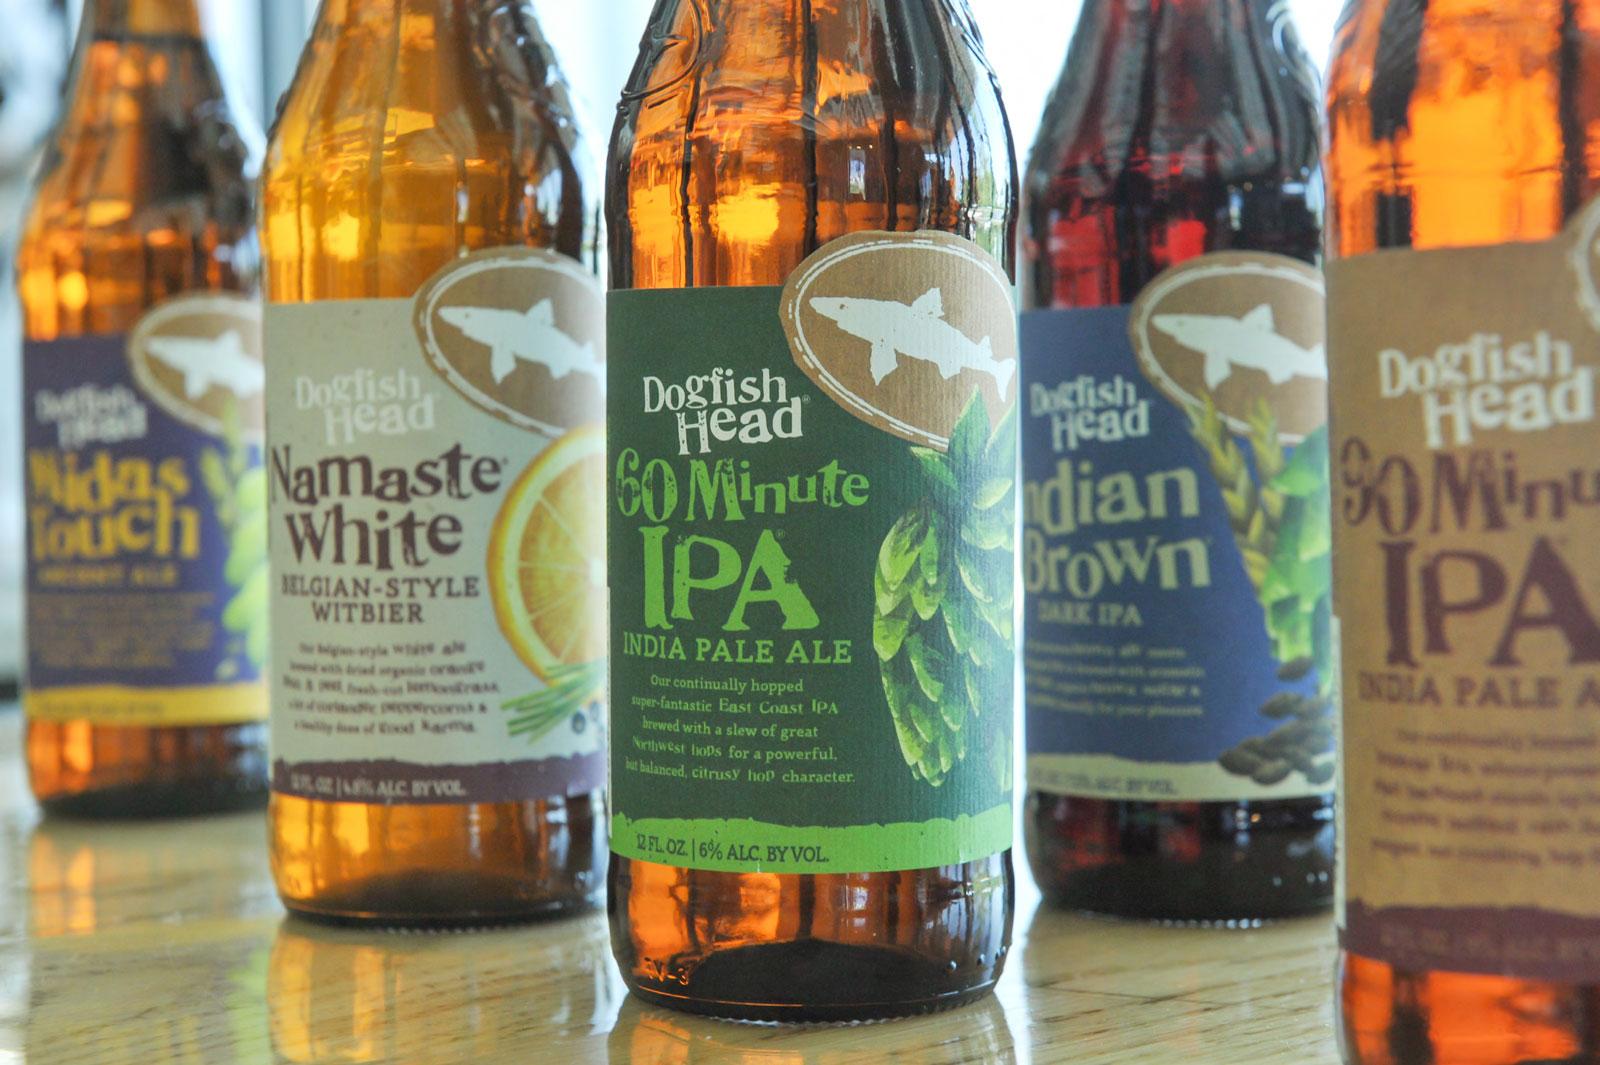 Beer & Branding: Dogfish Head